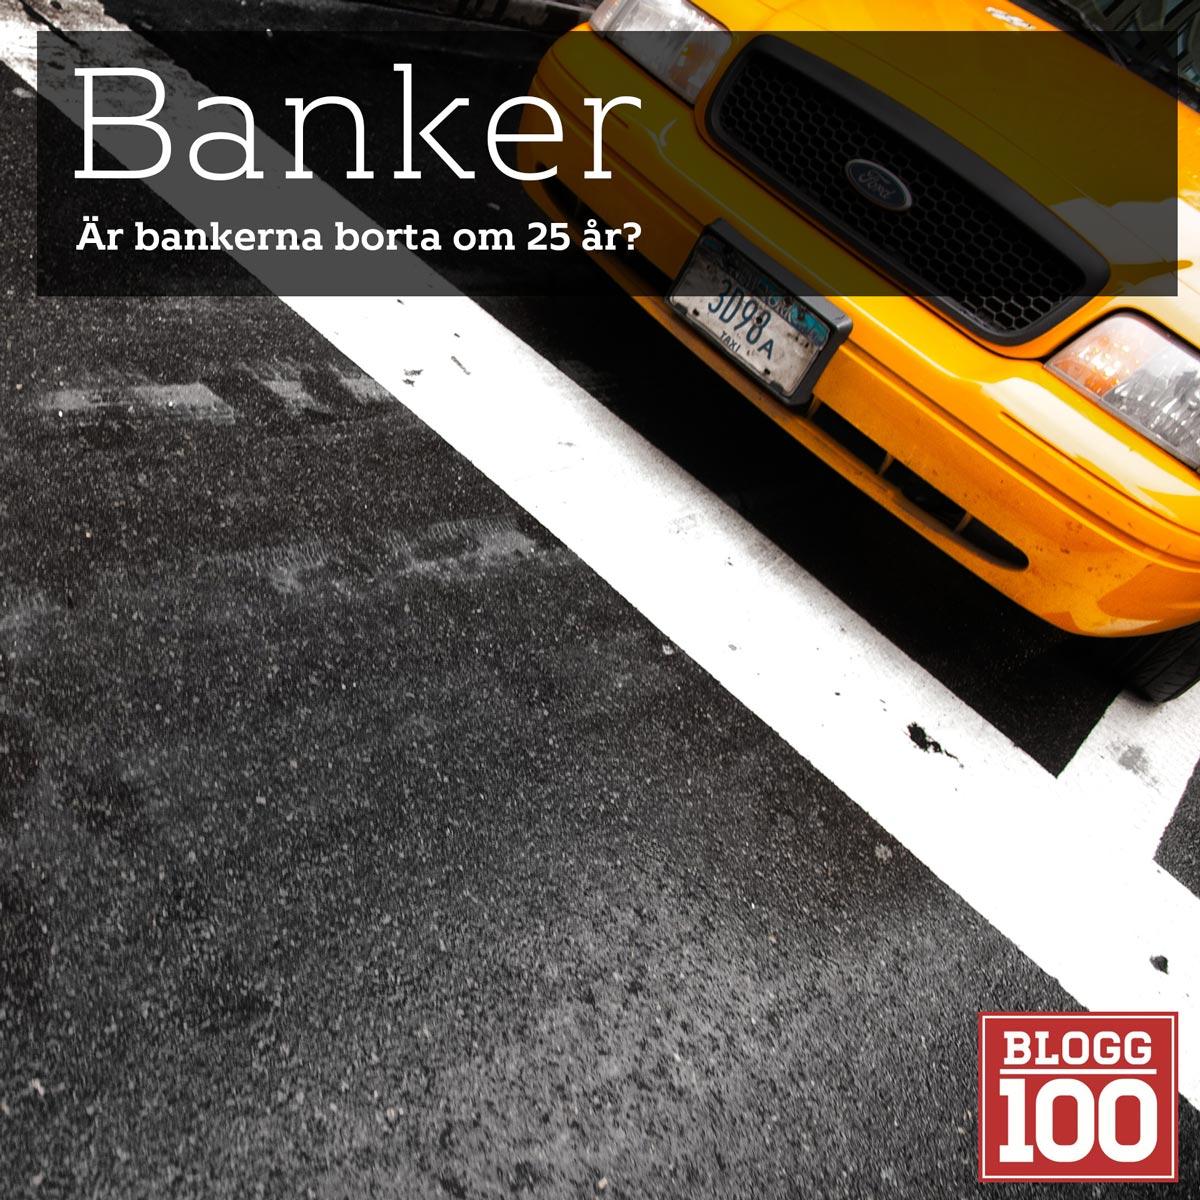 Banker finns de kvar om 25 år? #blogg100 #fb